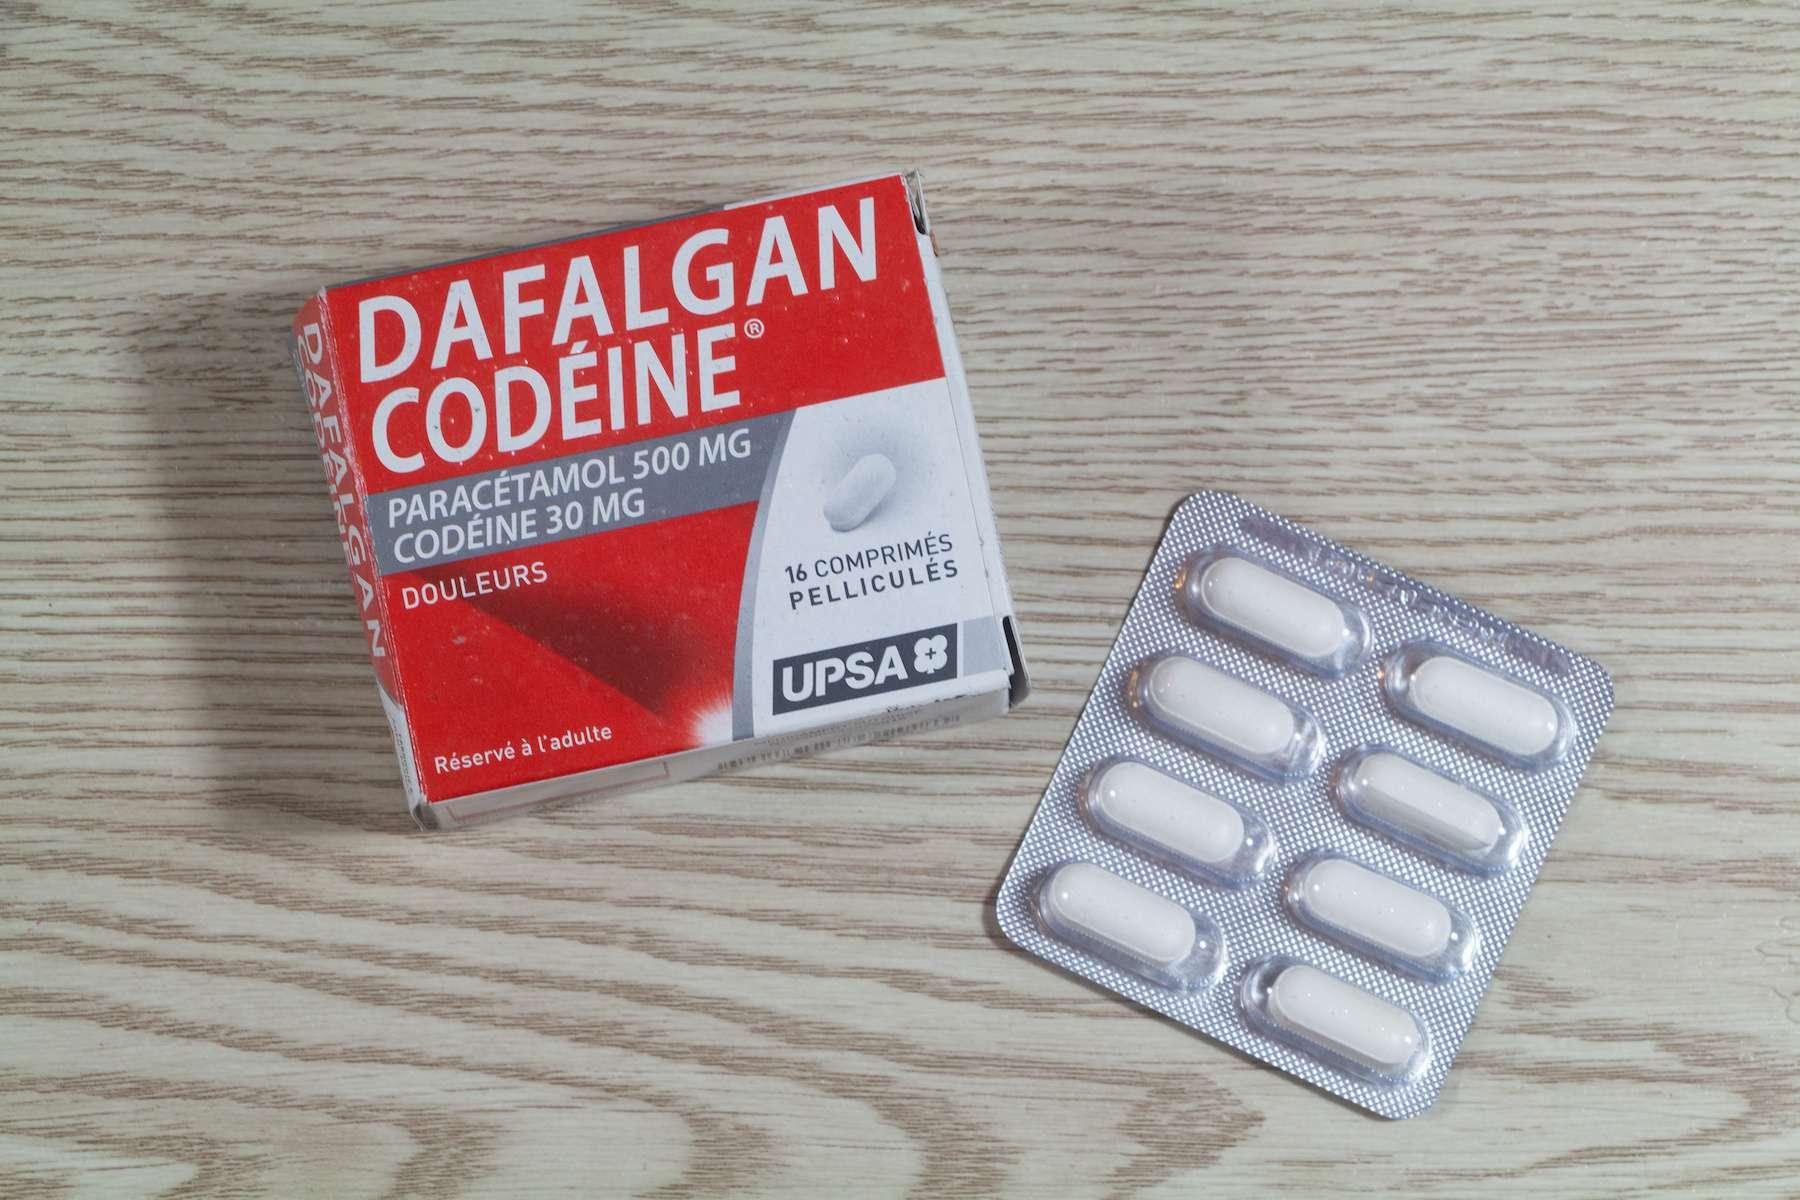 La codéine est un antalgique opiacé qui présente un risque élevé d'intoxication. © oceane2508, Adobe Stock